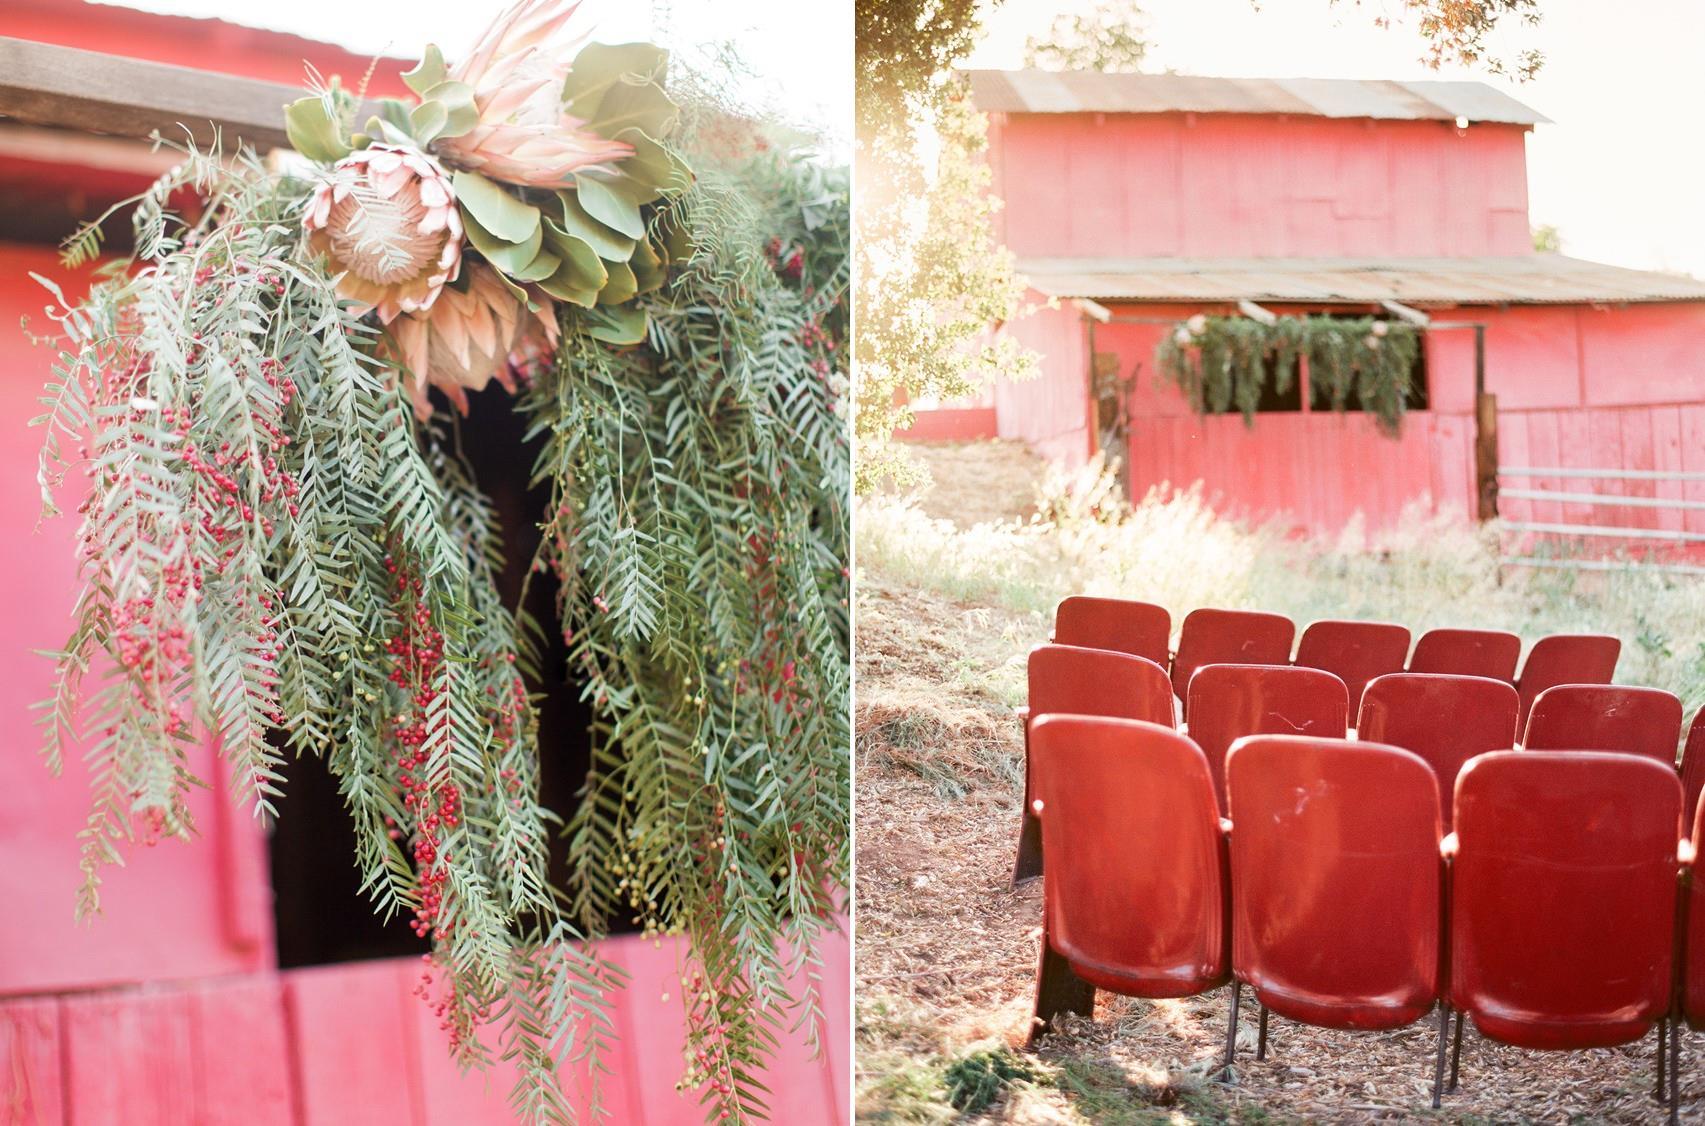 DIY Rustic Country Wedding Ceremony Decor